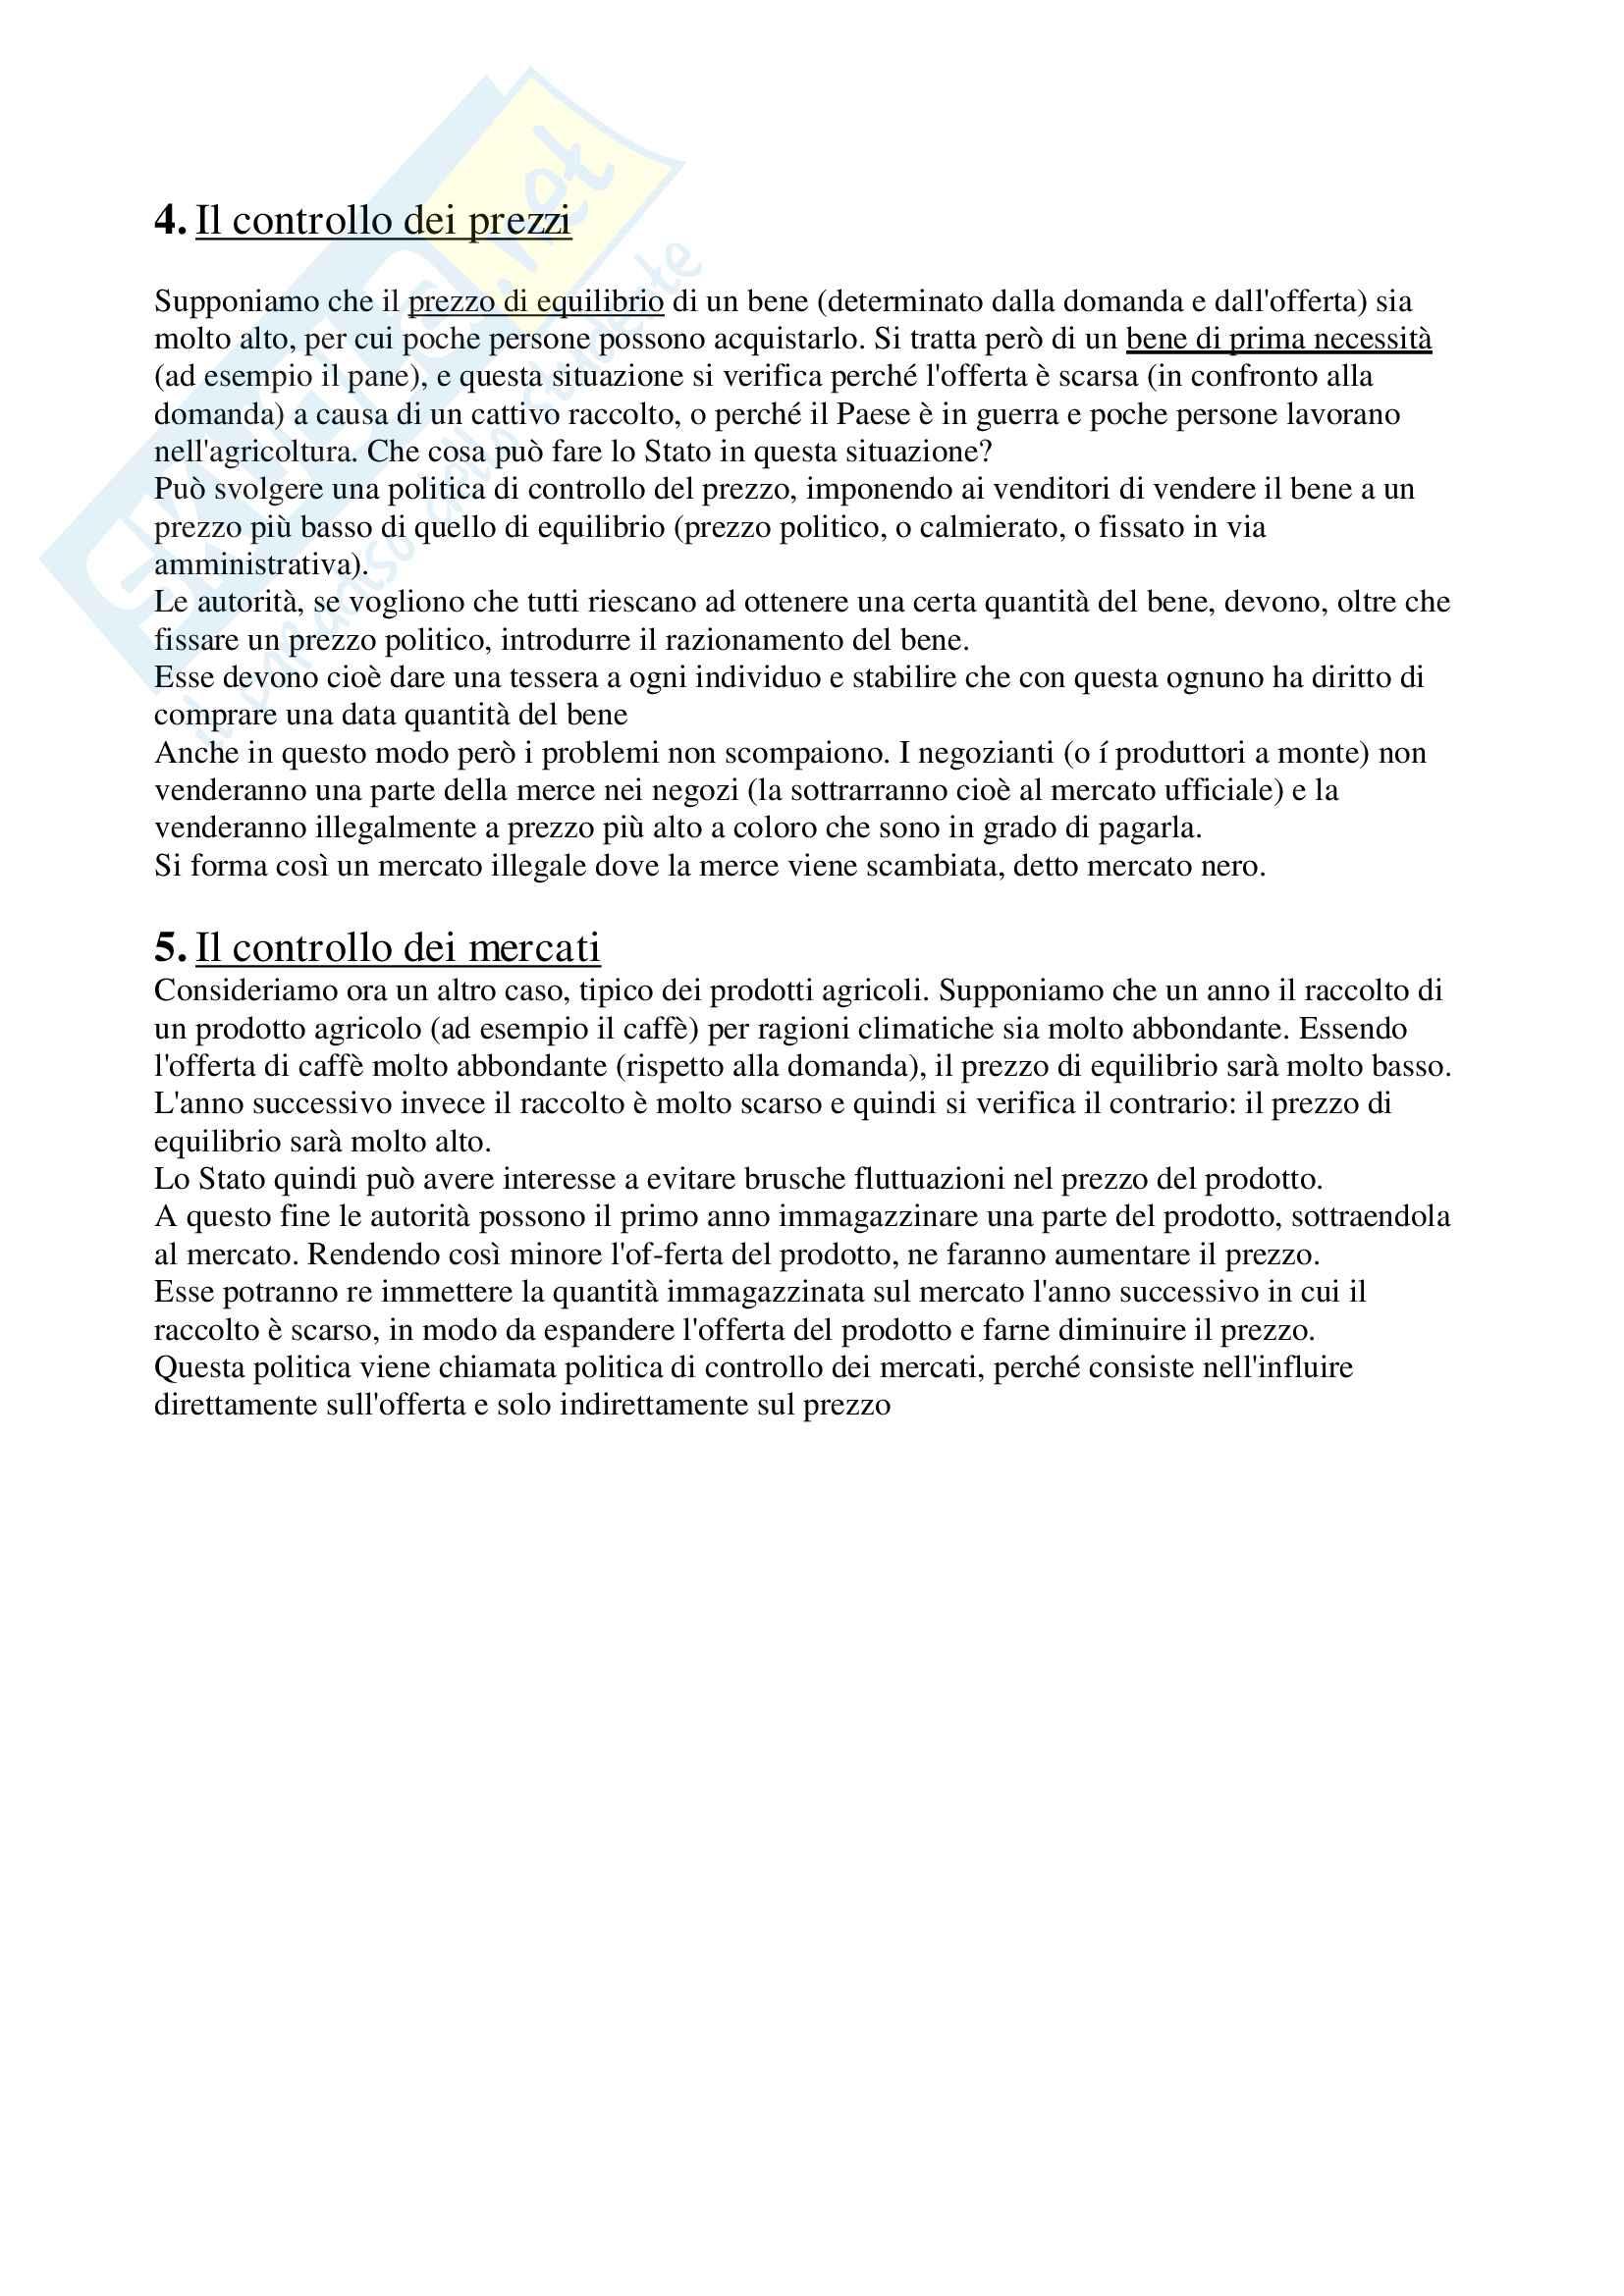 Riassunti con grafici di Economia Politica (sia Micro che Macro) Pag. 36